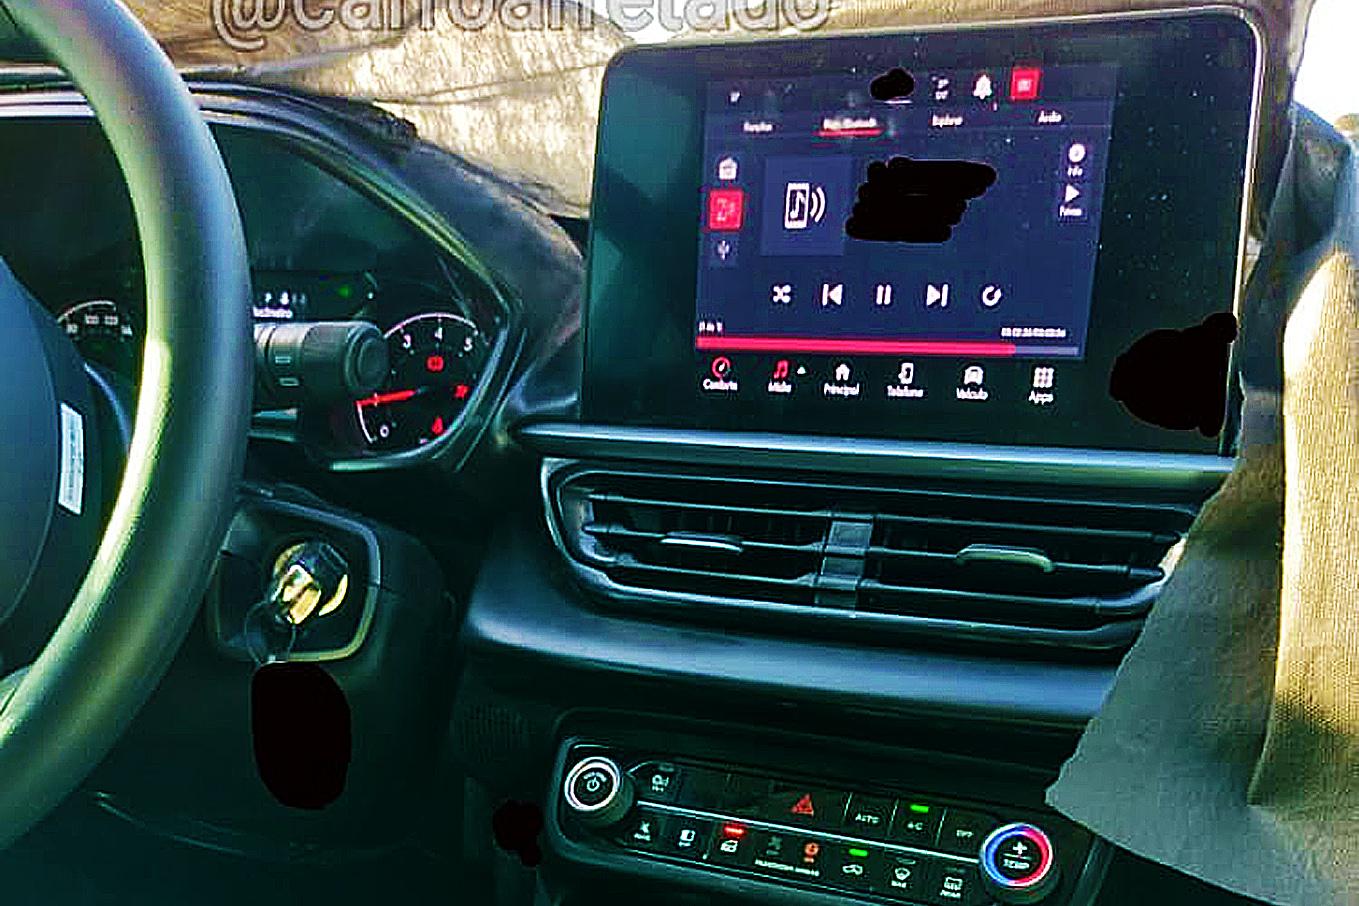 Painel do novo Fiat Pulse MT, que terá câmbio manual e motor 1.3